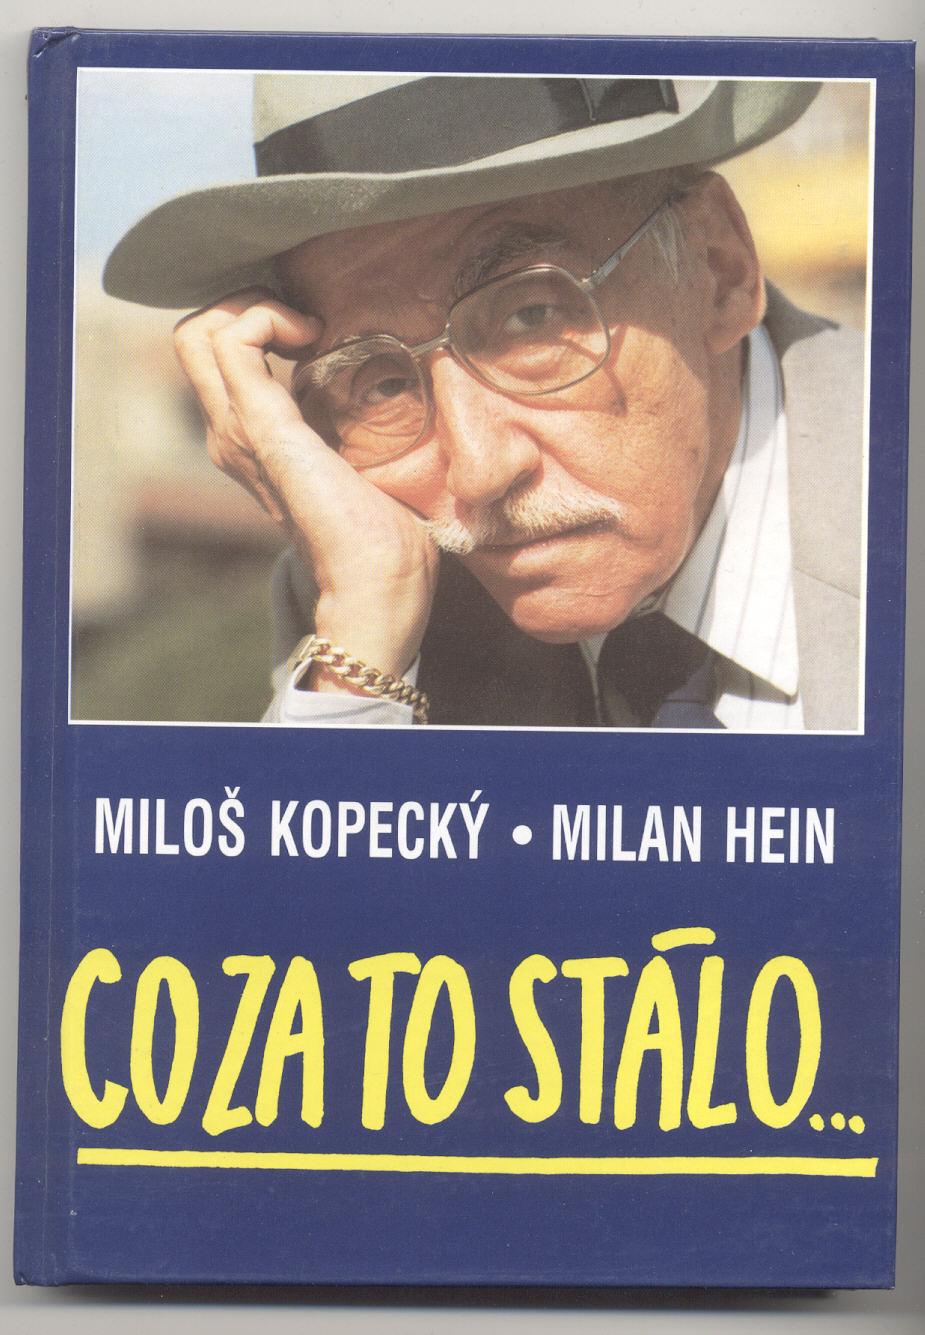 Co za to stálo... - Miloš Kopecký, Milan Hein